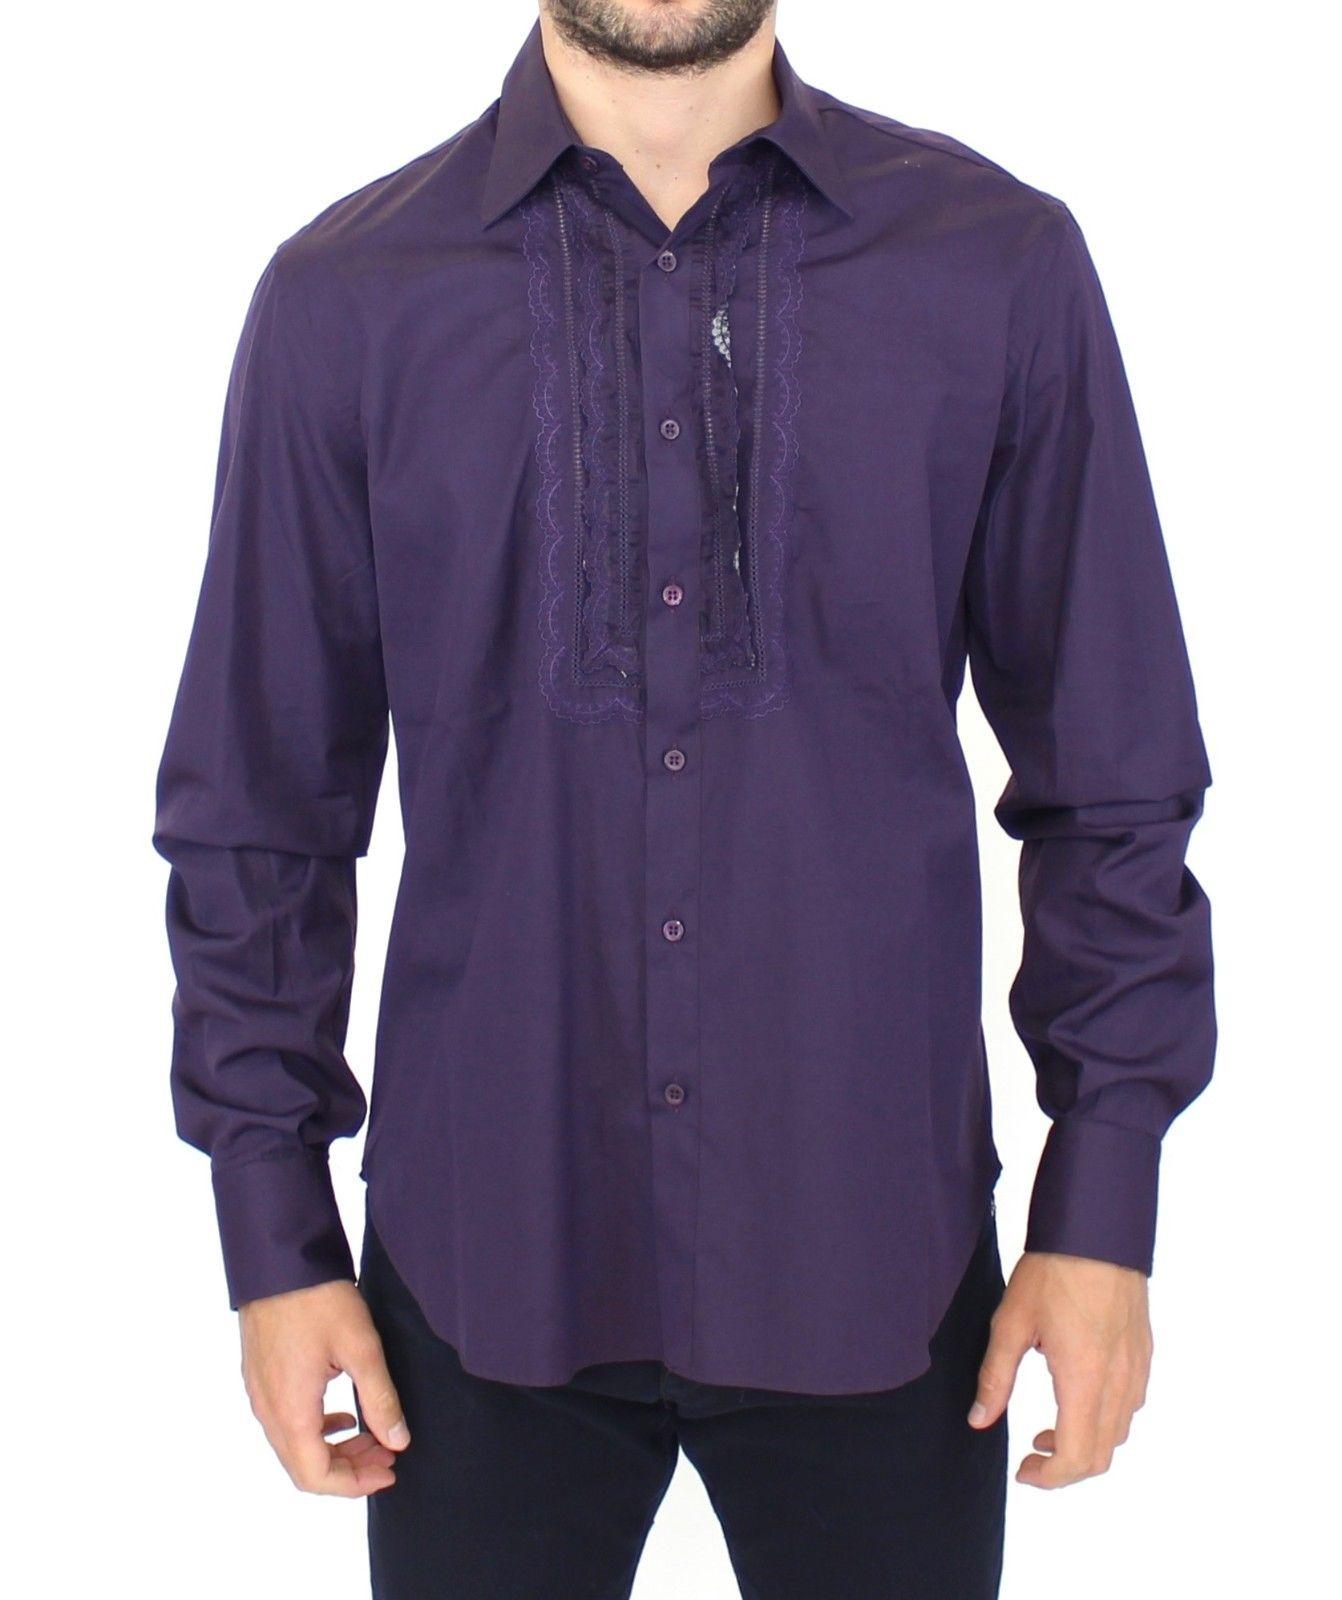 Ermanno Scervino Men's LS Shirt Purple SIG10114 - IT50 | L